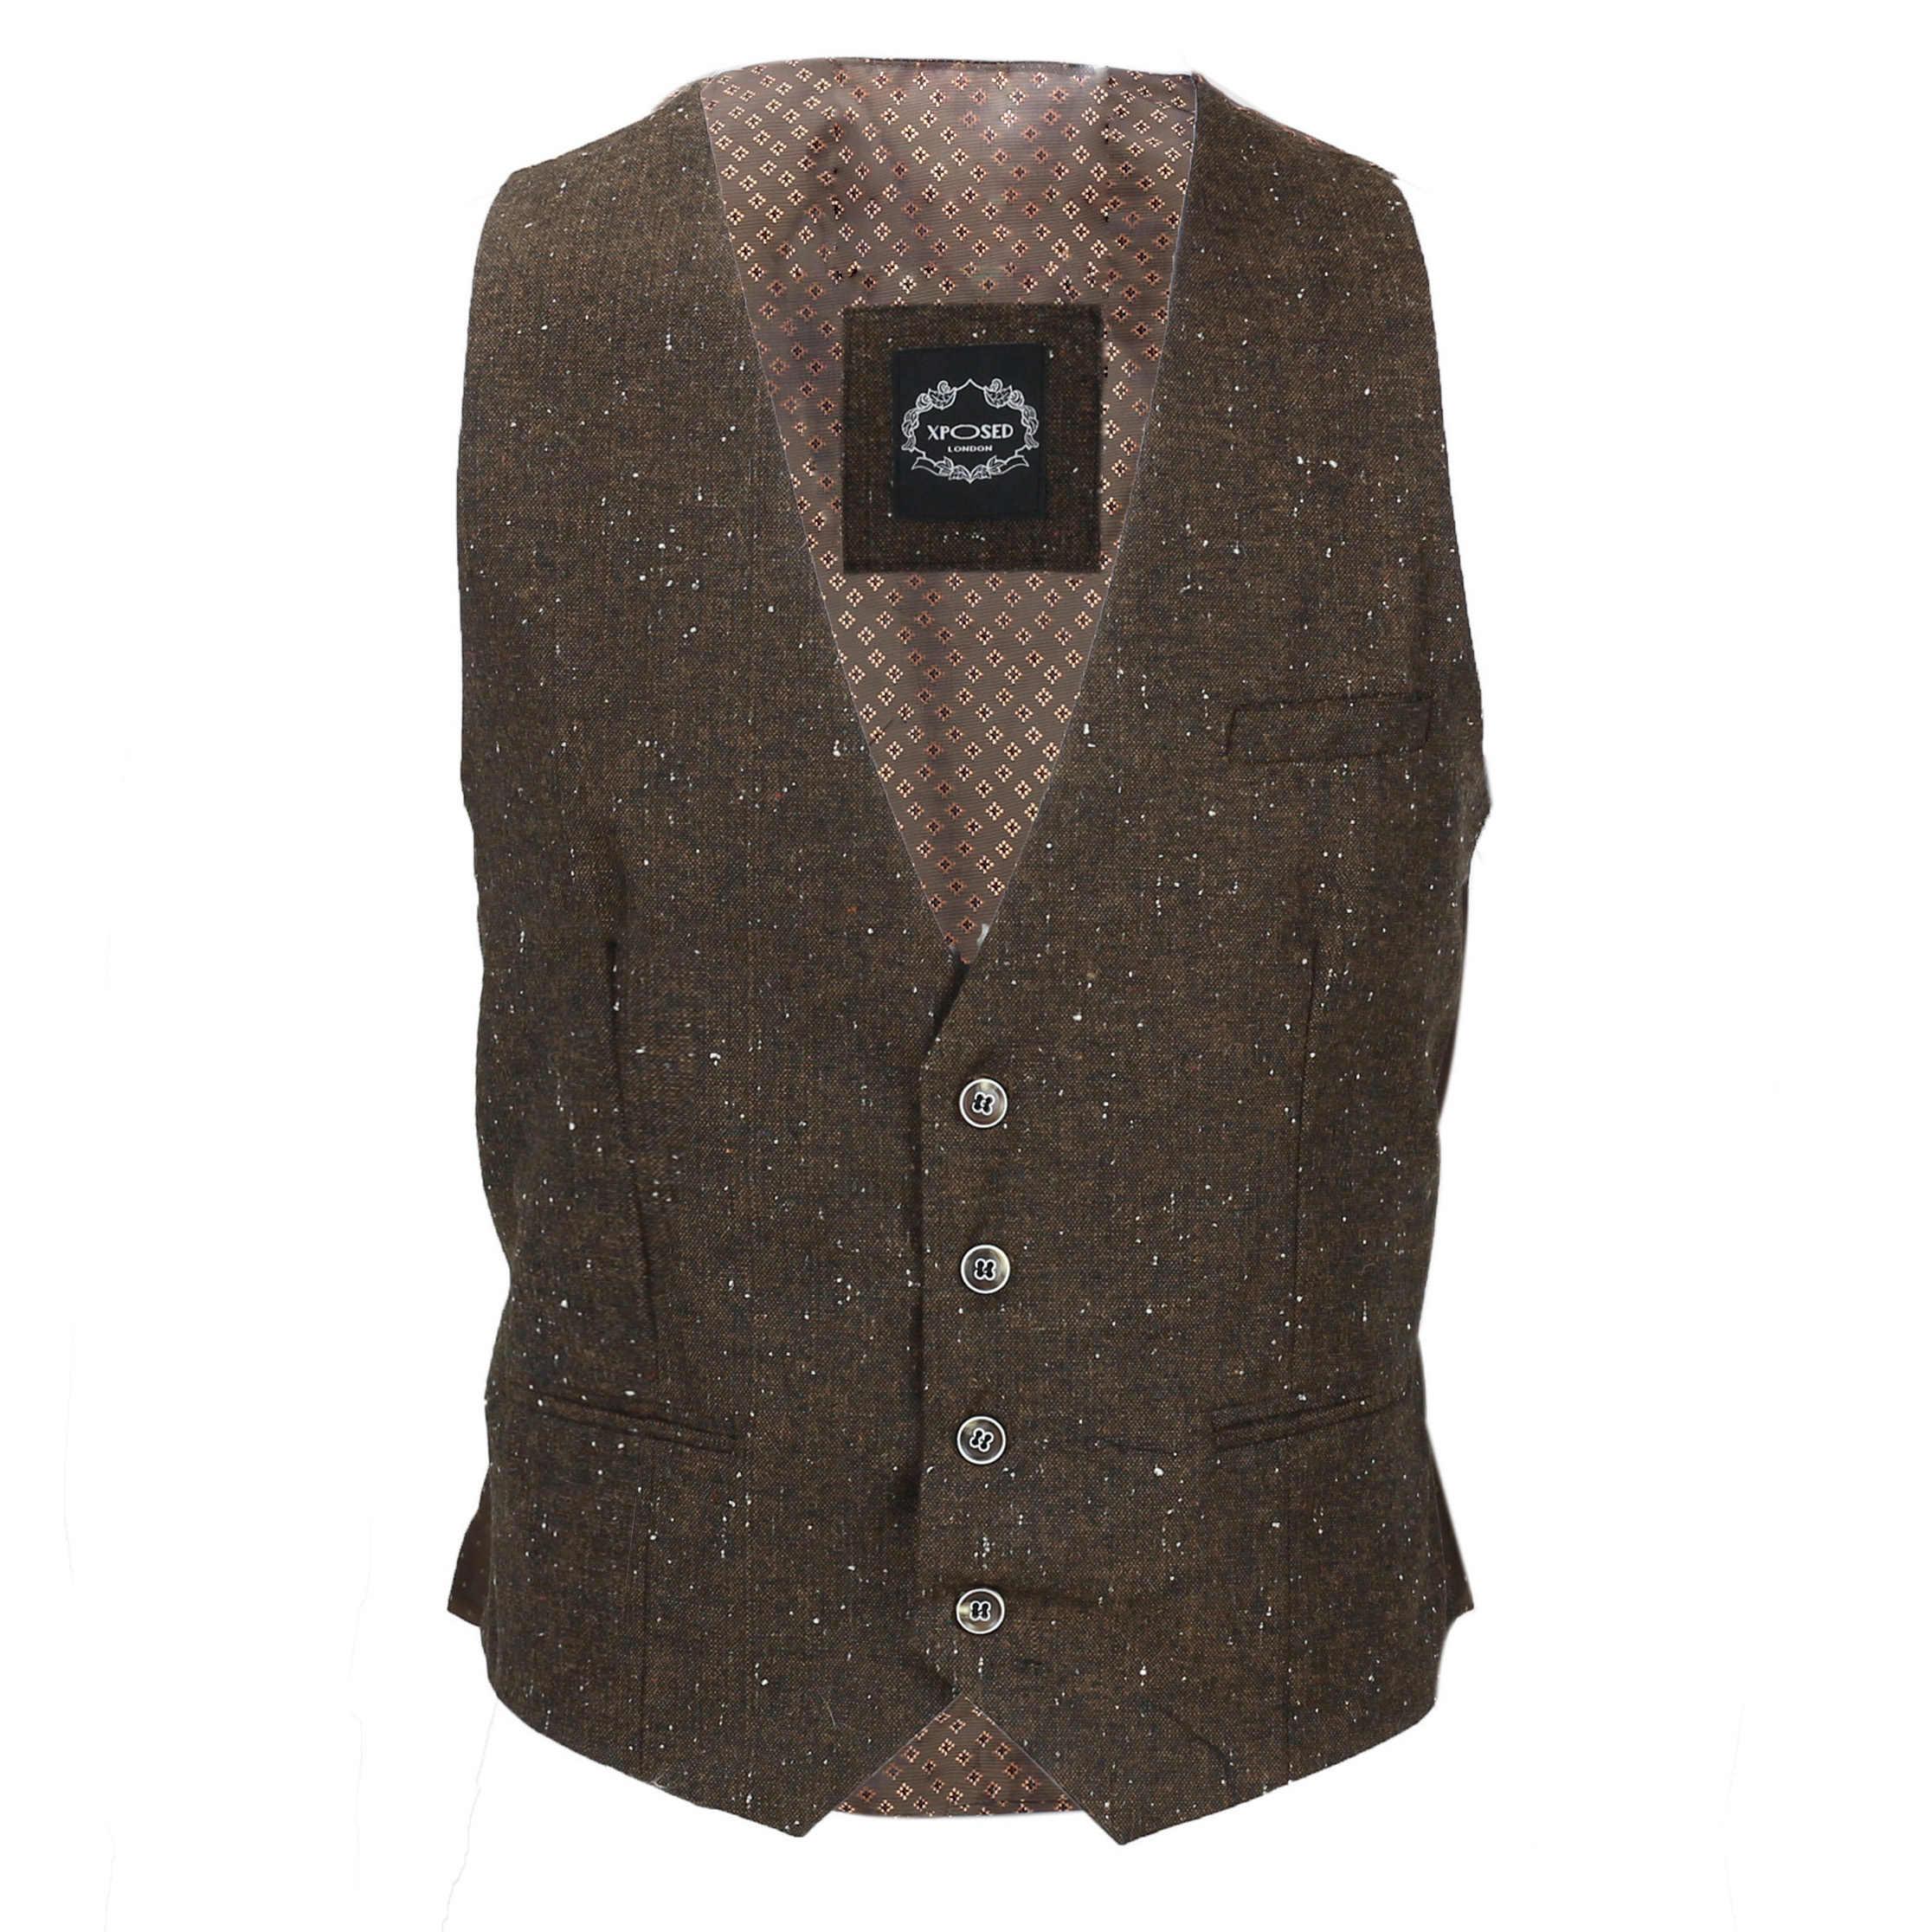 Nuevo-Chaleco-De-Hombre-Retro-Vintage-Marron-Tweed-Espiga-Roble-cheque-Smart-Casual miniatura 23